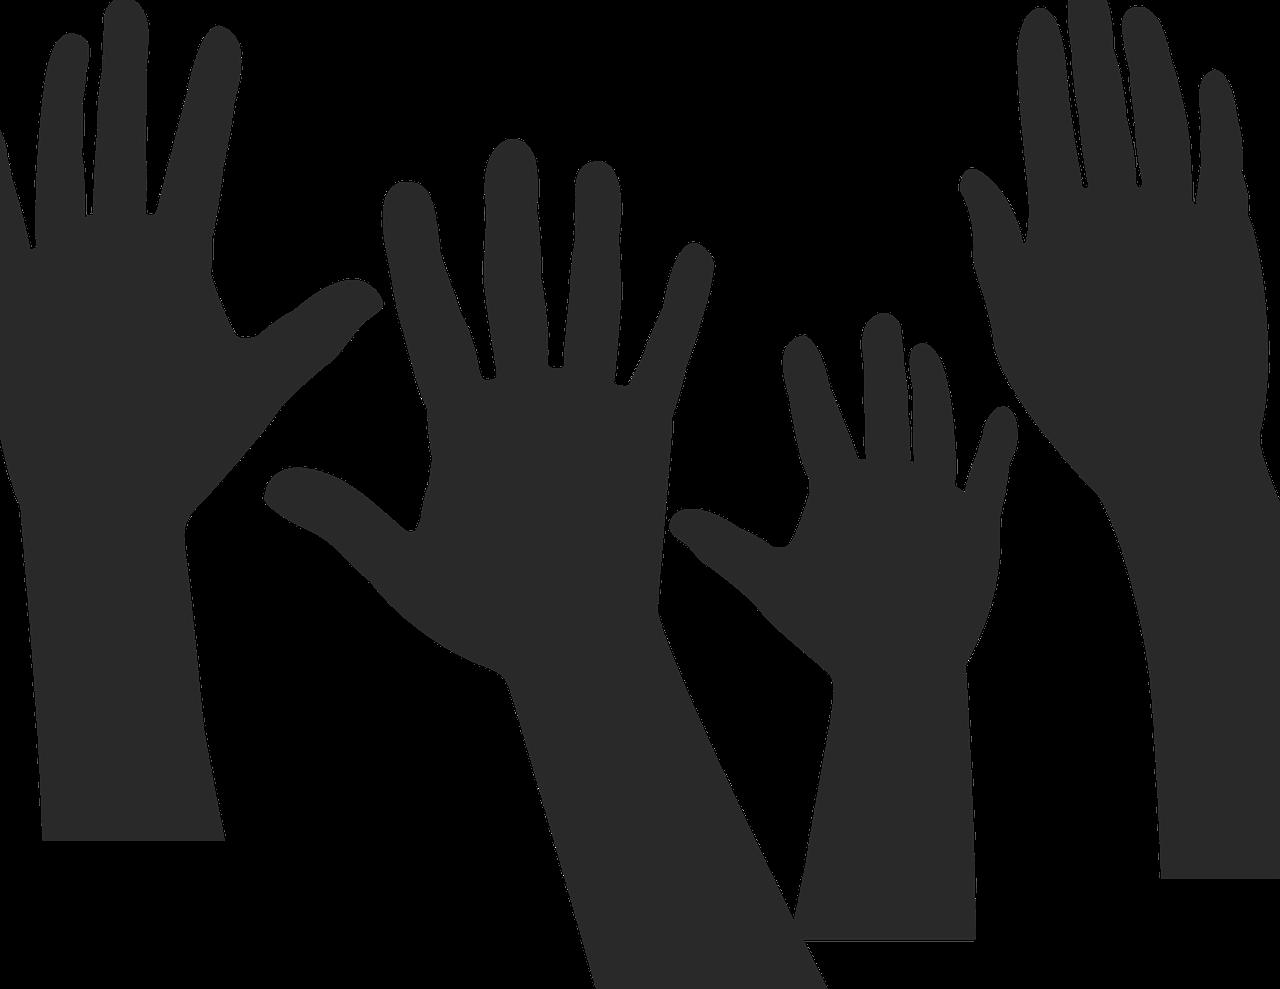 手を挙げて発言した学生にポイントを与える。